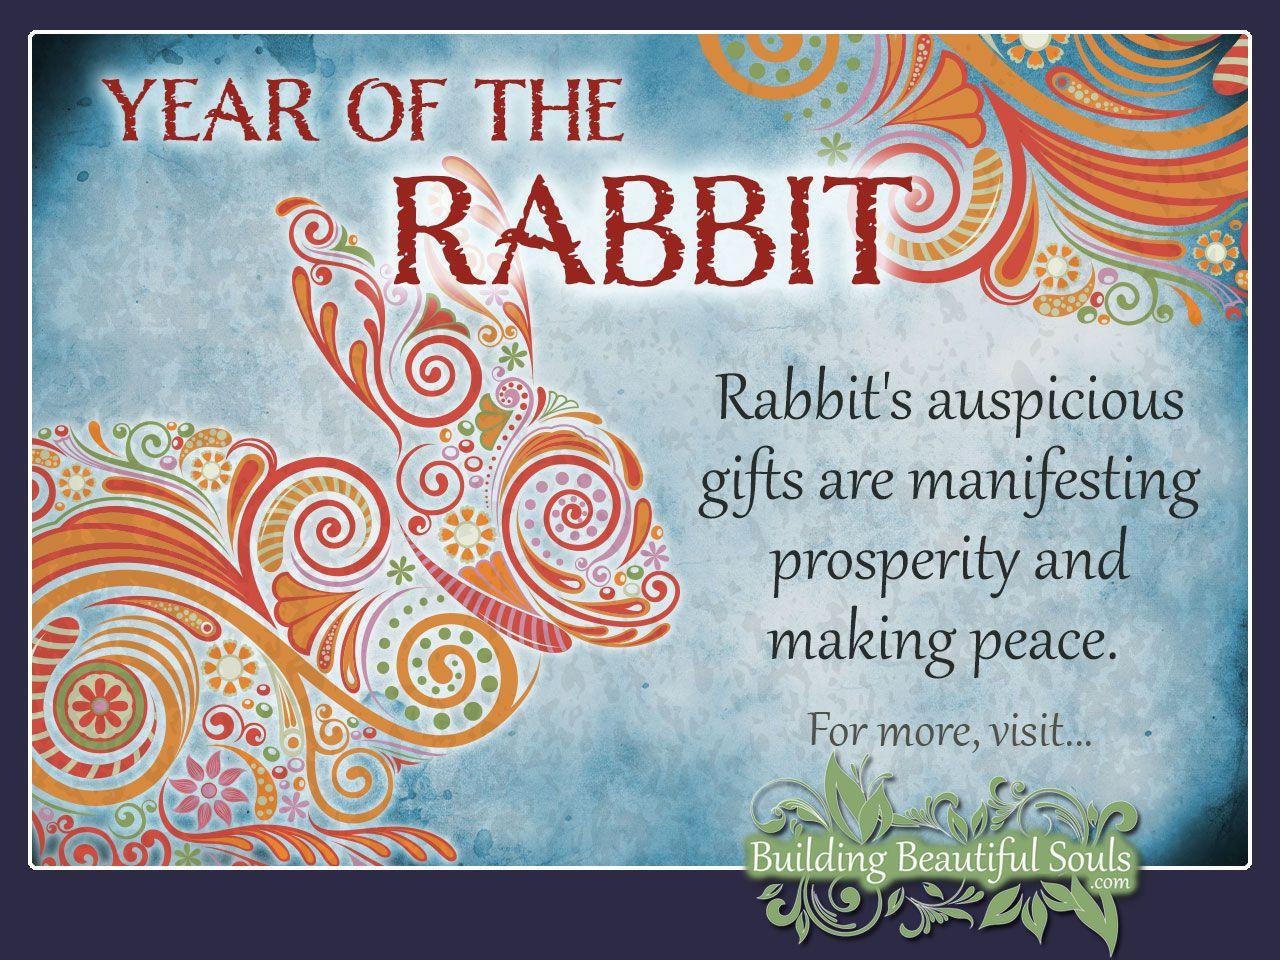 Chinese Zodiac Rabbit Year Of The Rabbit Chinese Zodiac Signs Meanings Year Of The Rabbit Chinese Zodiac Signs Rabbit Chinese Zodiac Signs